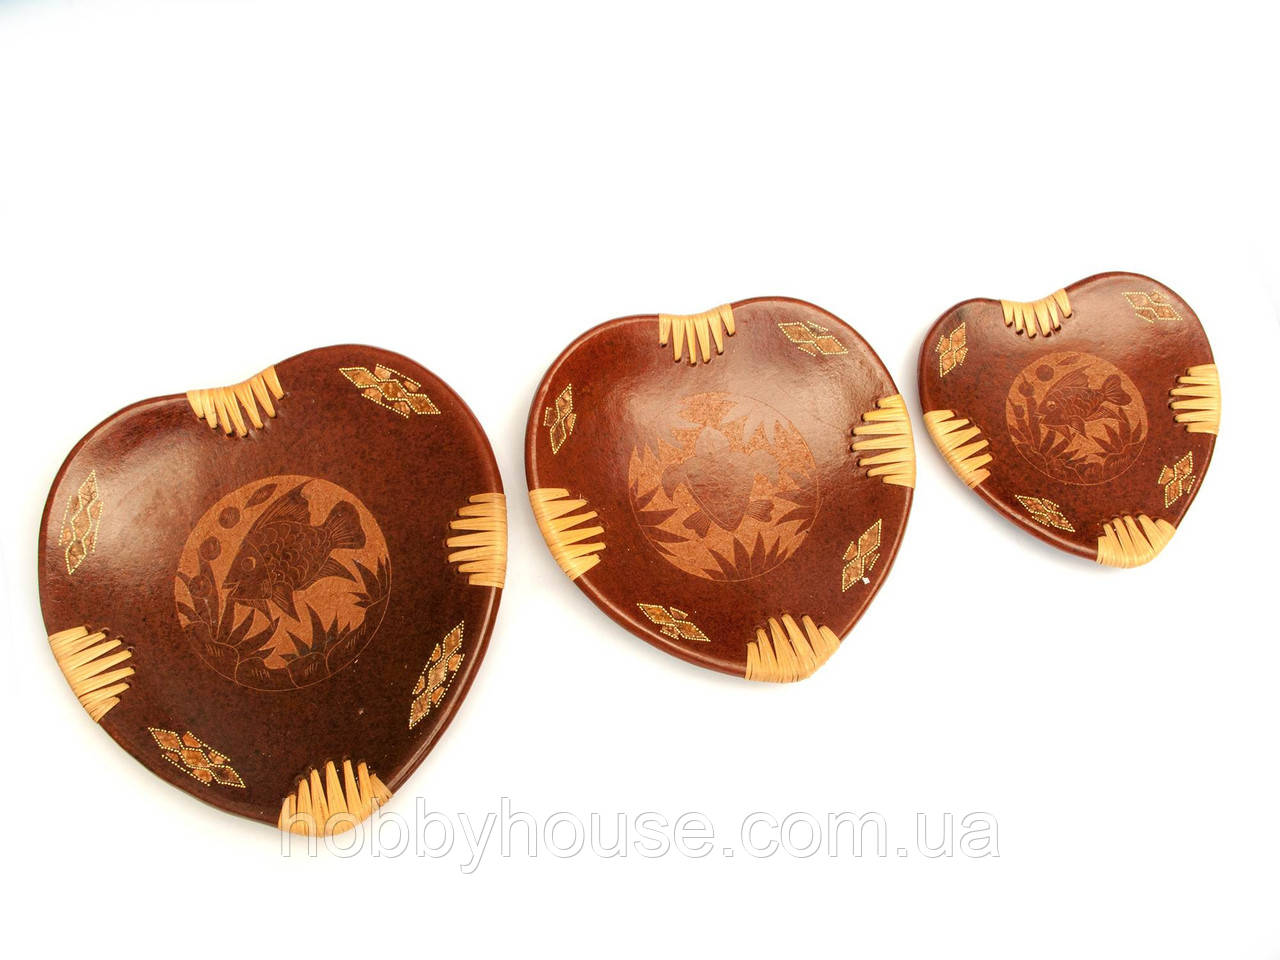 Блюда Сердечки набор 3 шт